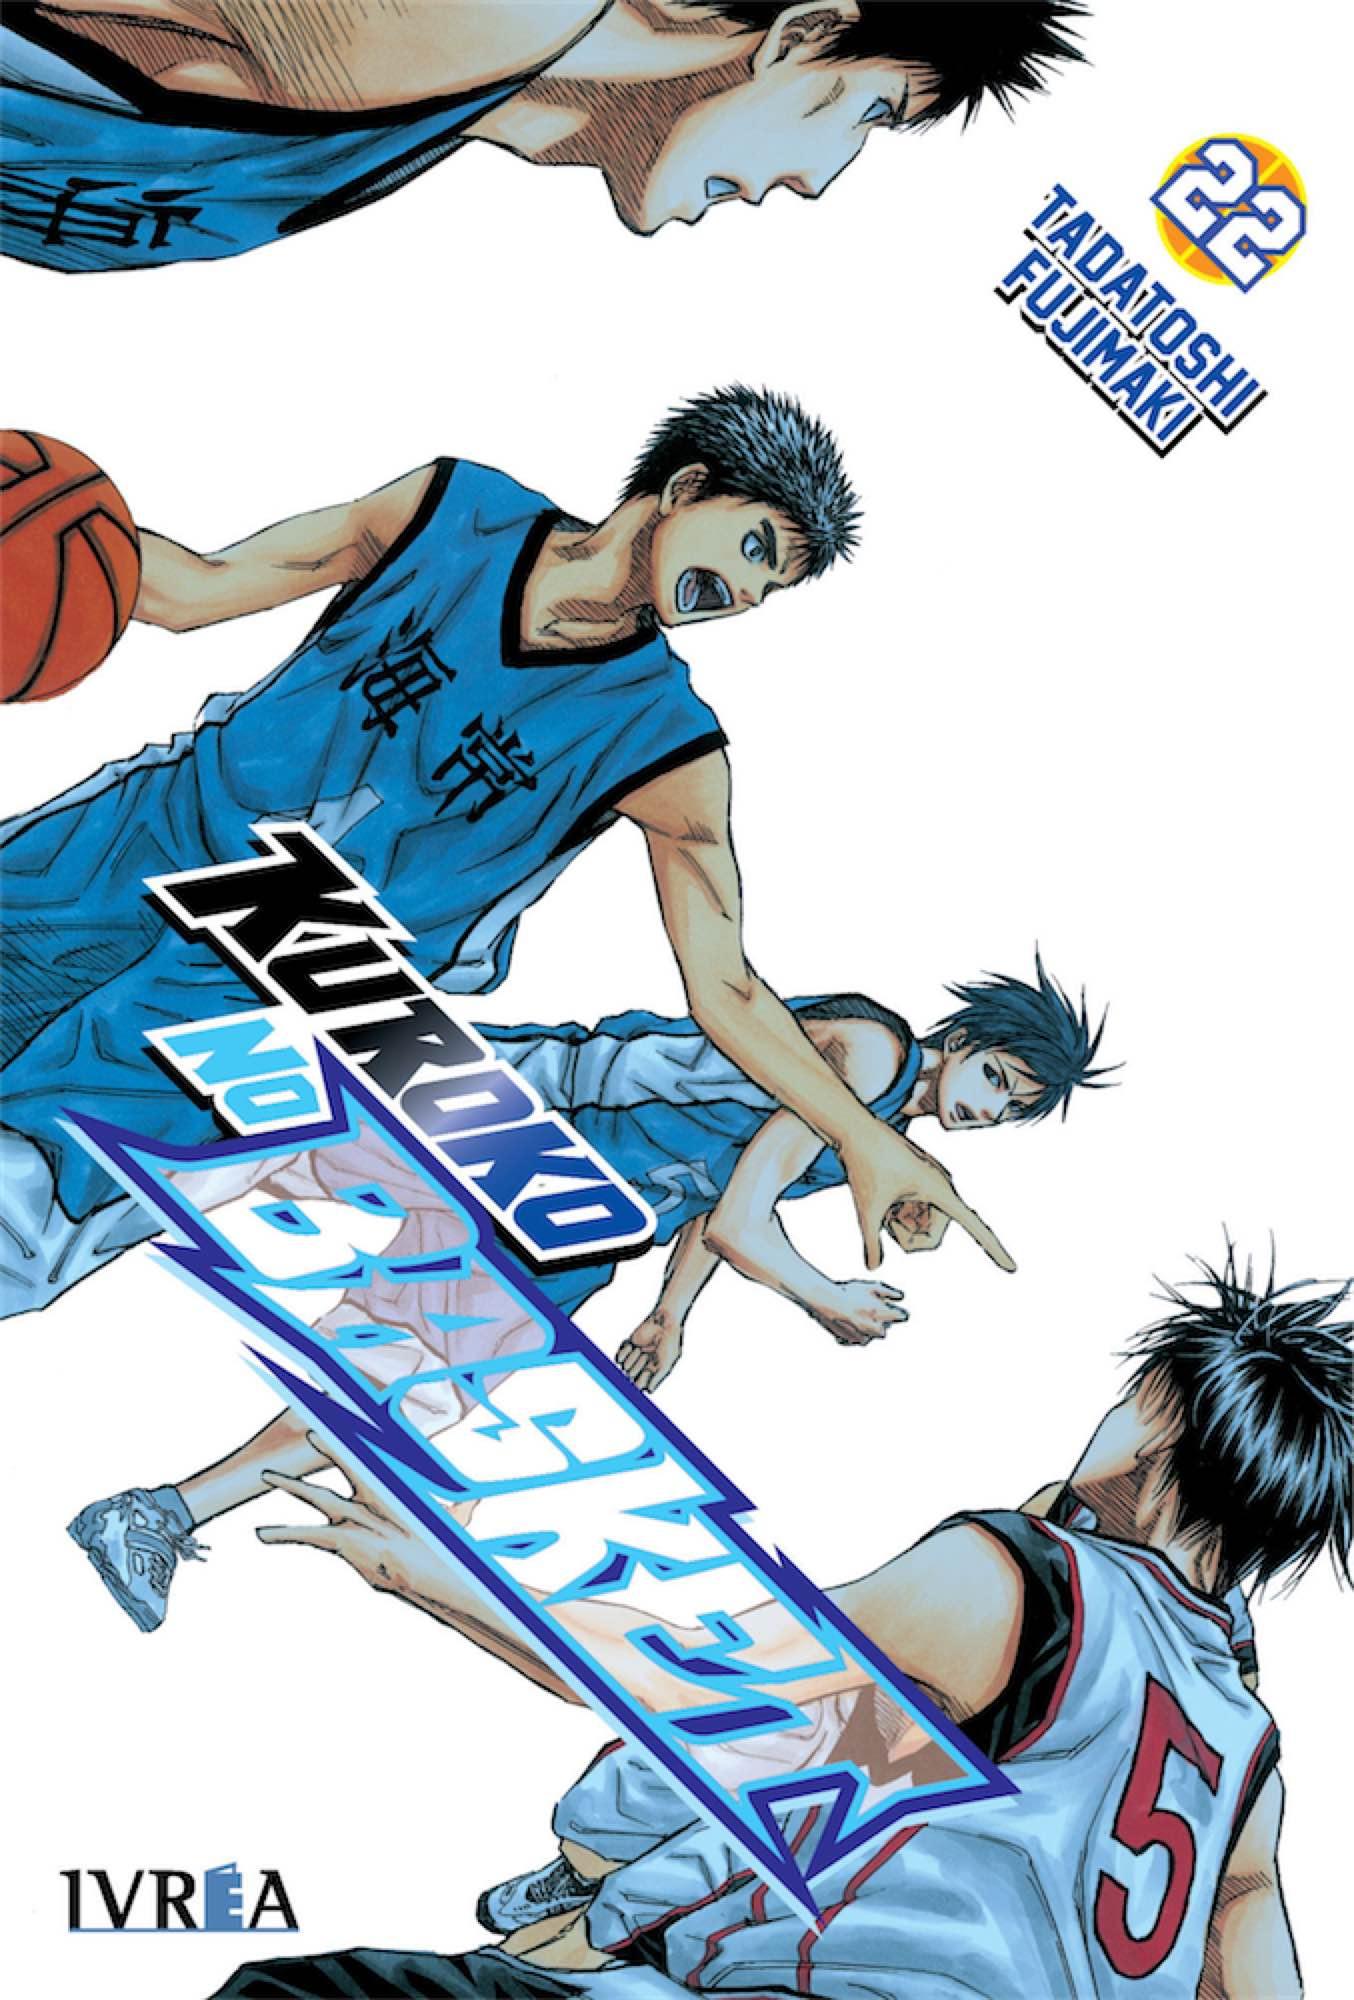 KUROKO NO BASKET 22 (COMIC)